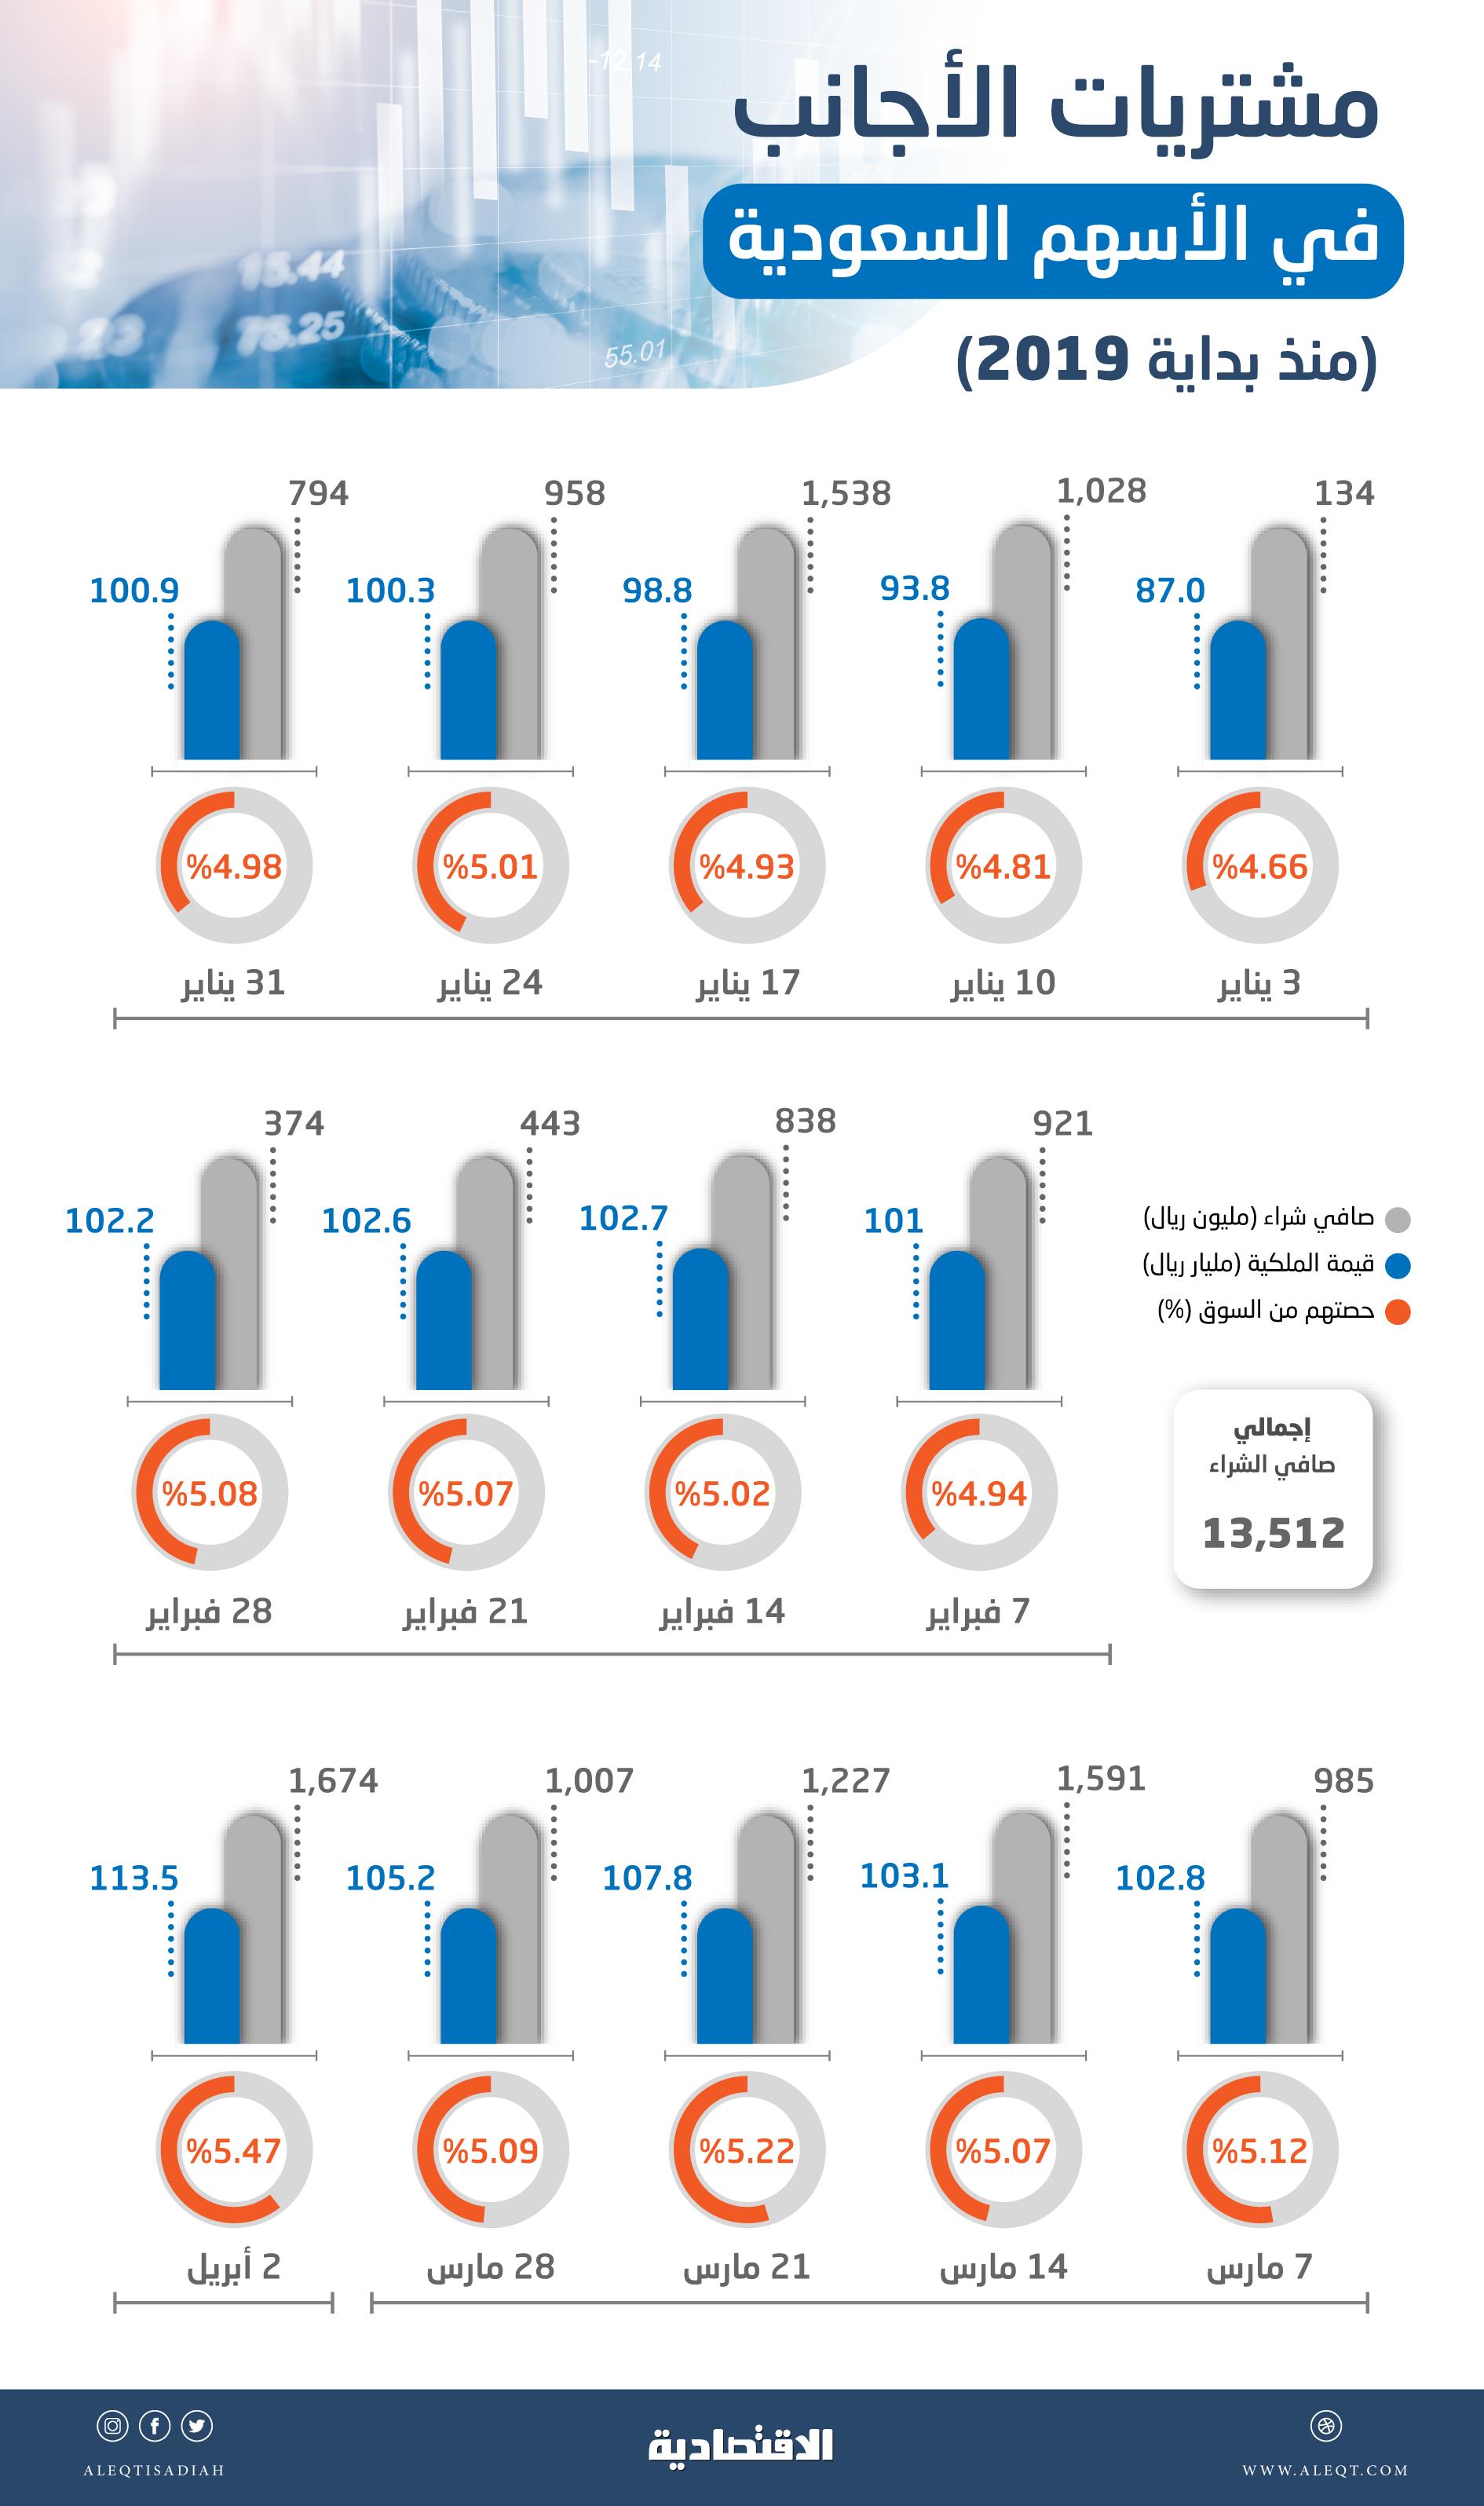 5.5 مليار ريـال صافي مشتريات الأجانب في الأسهم السعودية بعد «الترقية»    صحيفة الاقتصادية